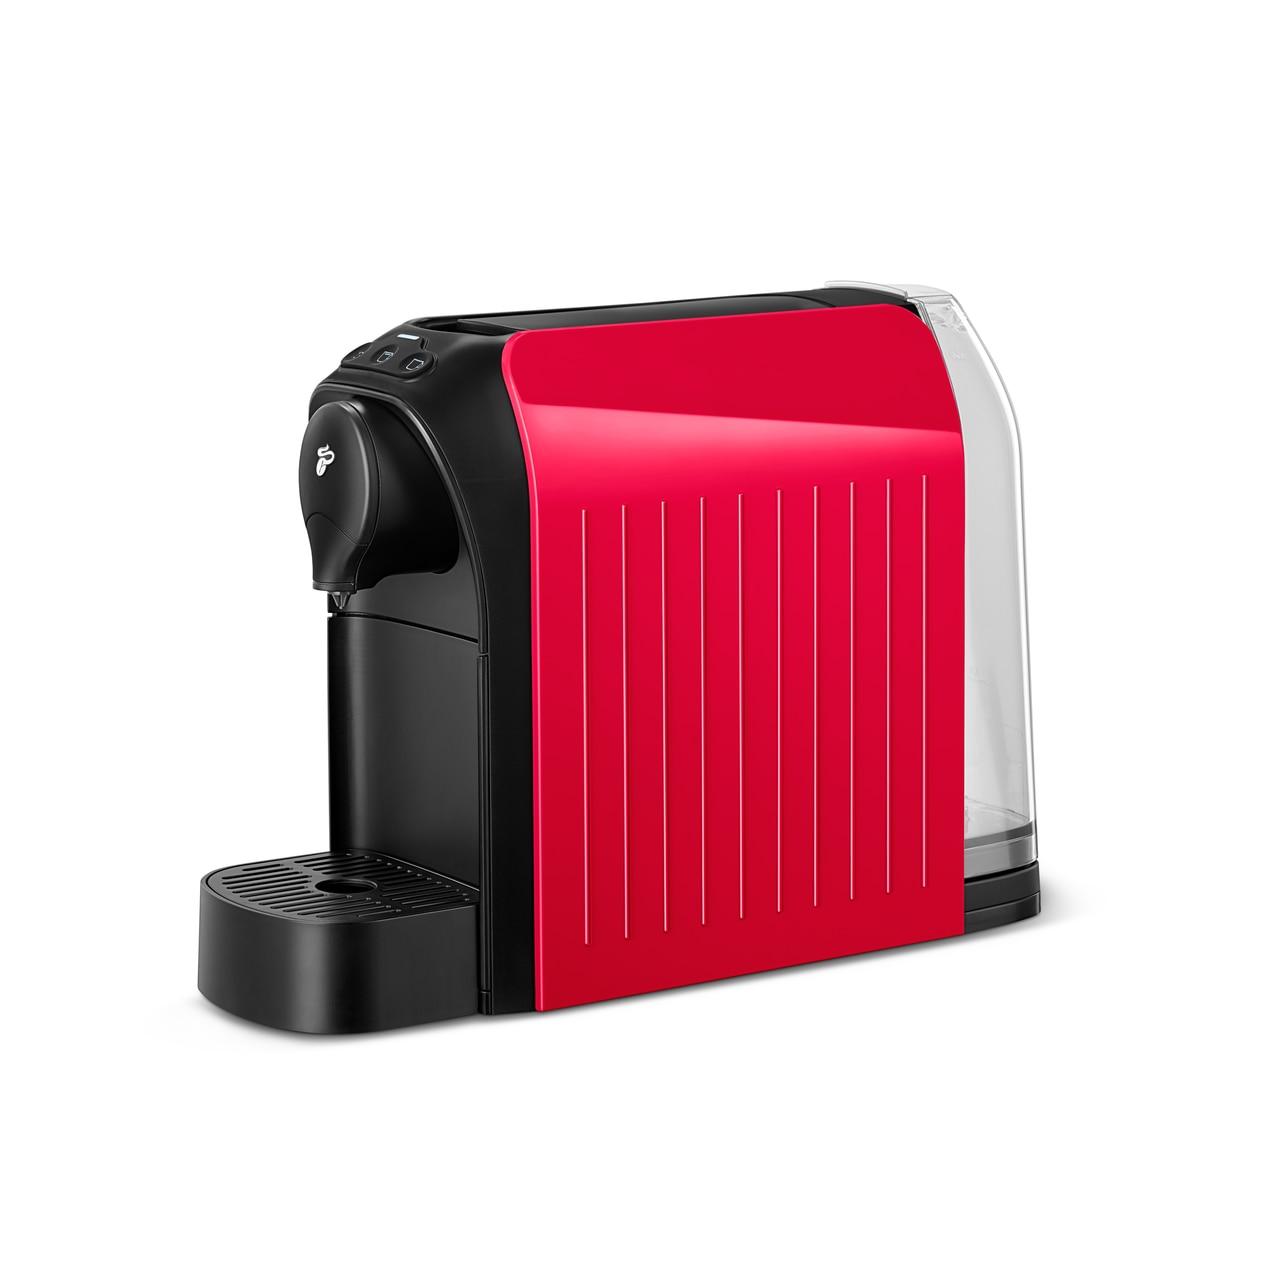 Fotografie Espressor Tchibo Cafissimo easy Red, 1250 W, 3 presiuni, 650 ml, Espresso, Caffe Crema, sertar capsule, Rosu